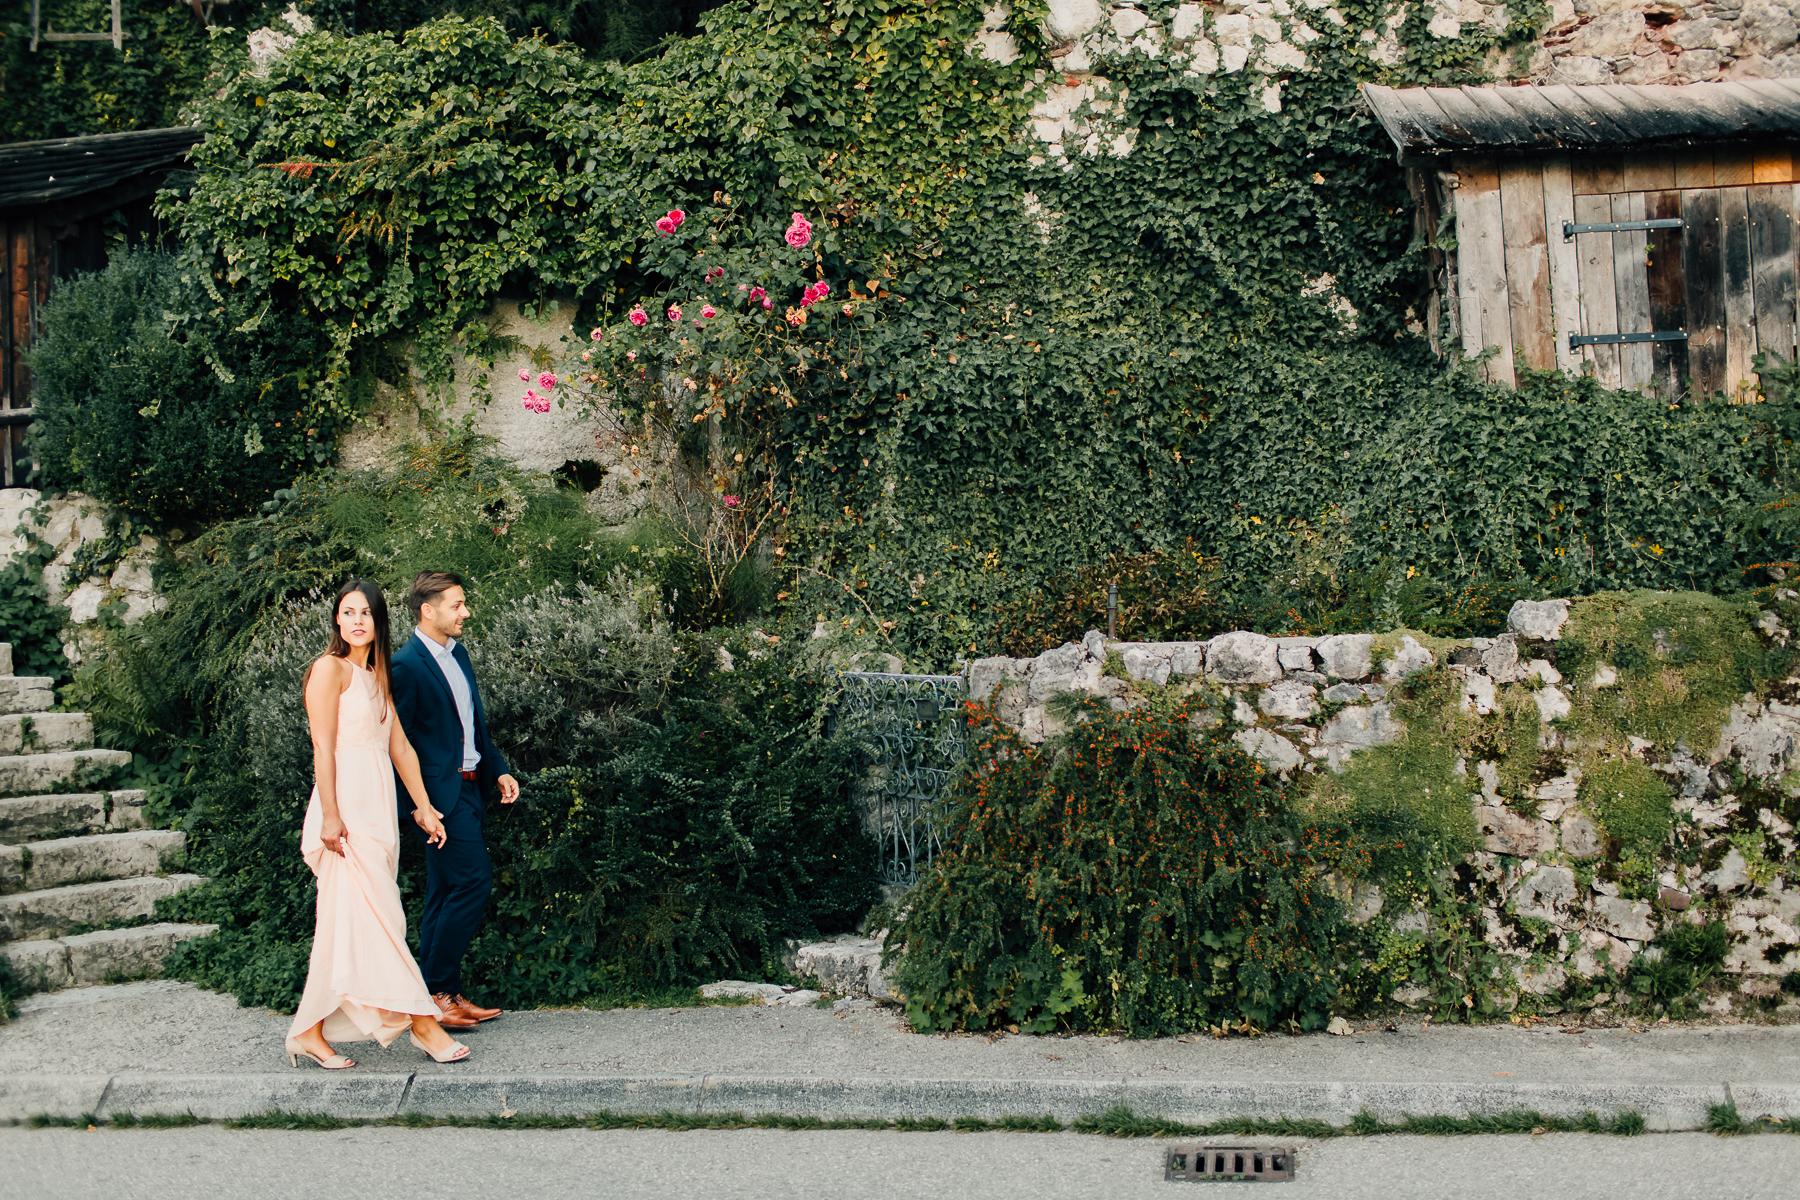 hallstatt-austria-wedding-photographer-emily-kirke (5 of 25).jpg